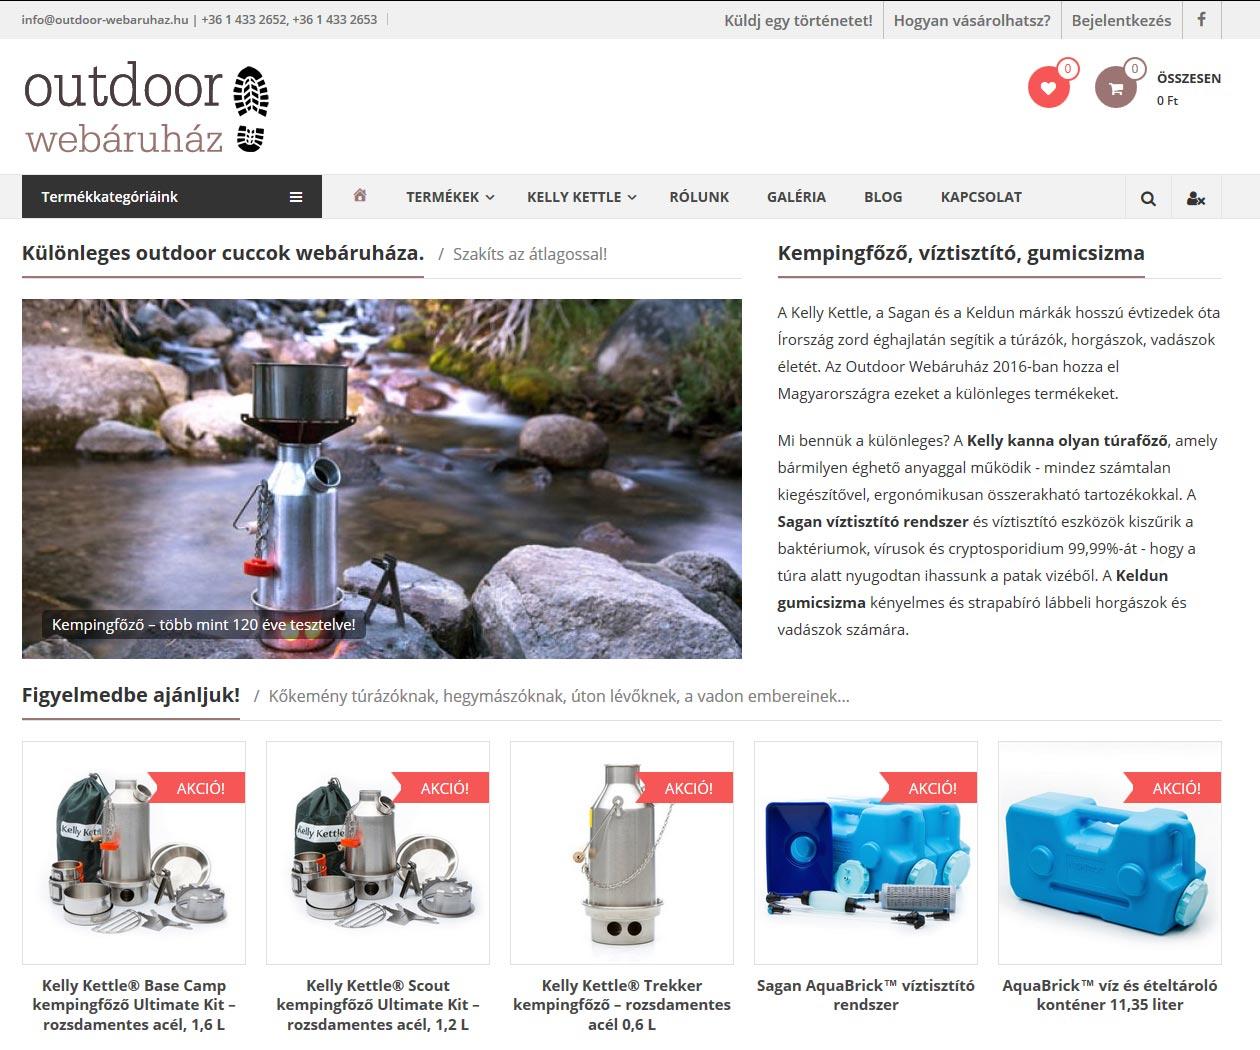 outdoor-webaruhaz